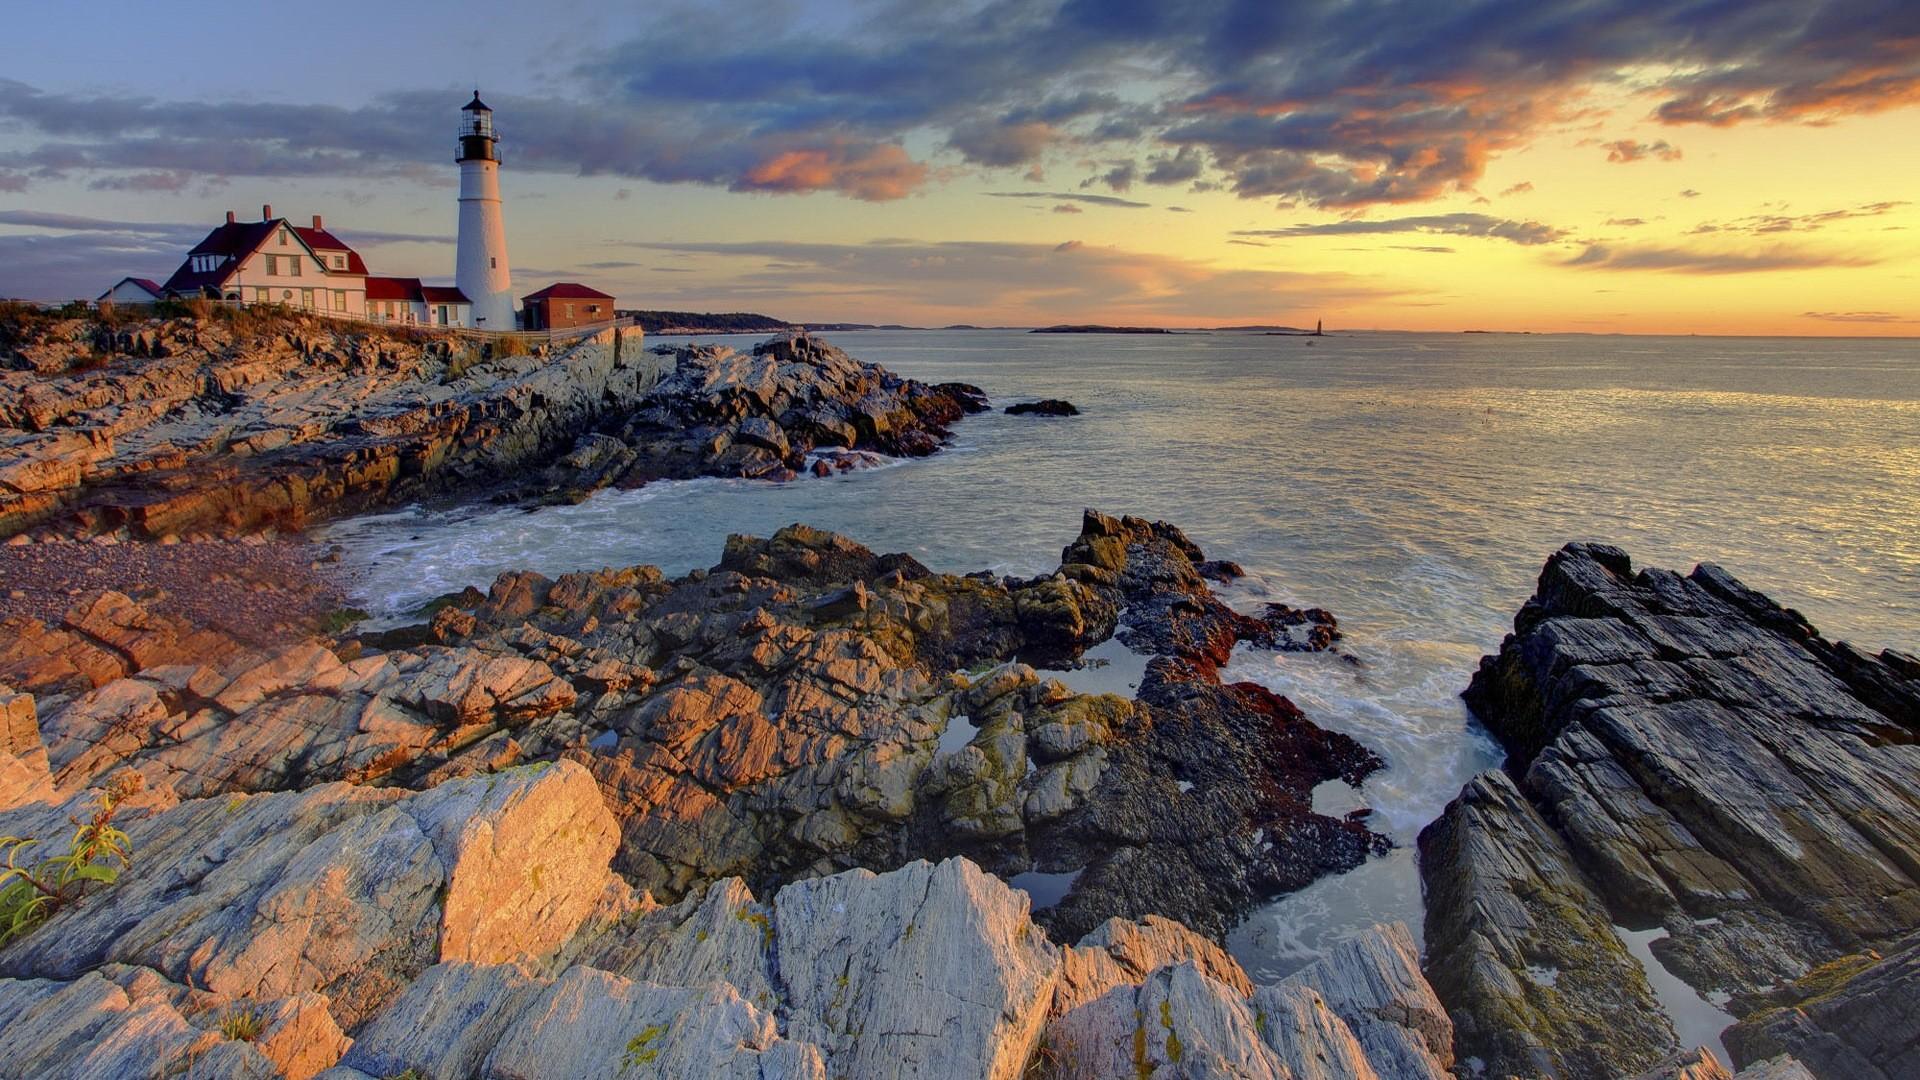 Lighthouse Wallpaper HD Desktop | Lighthouse HD Wallpapers | HD Wallpapers  Inn